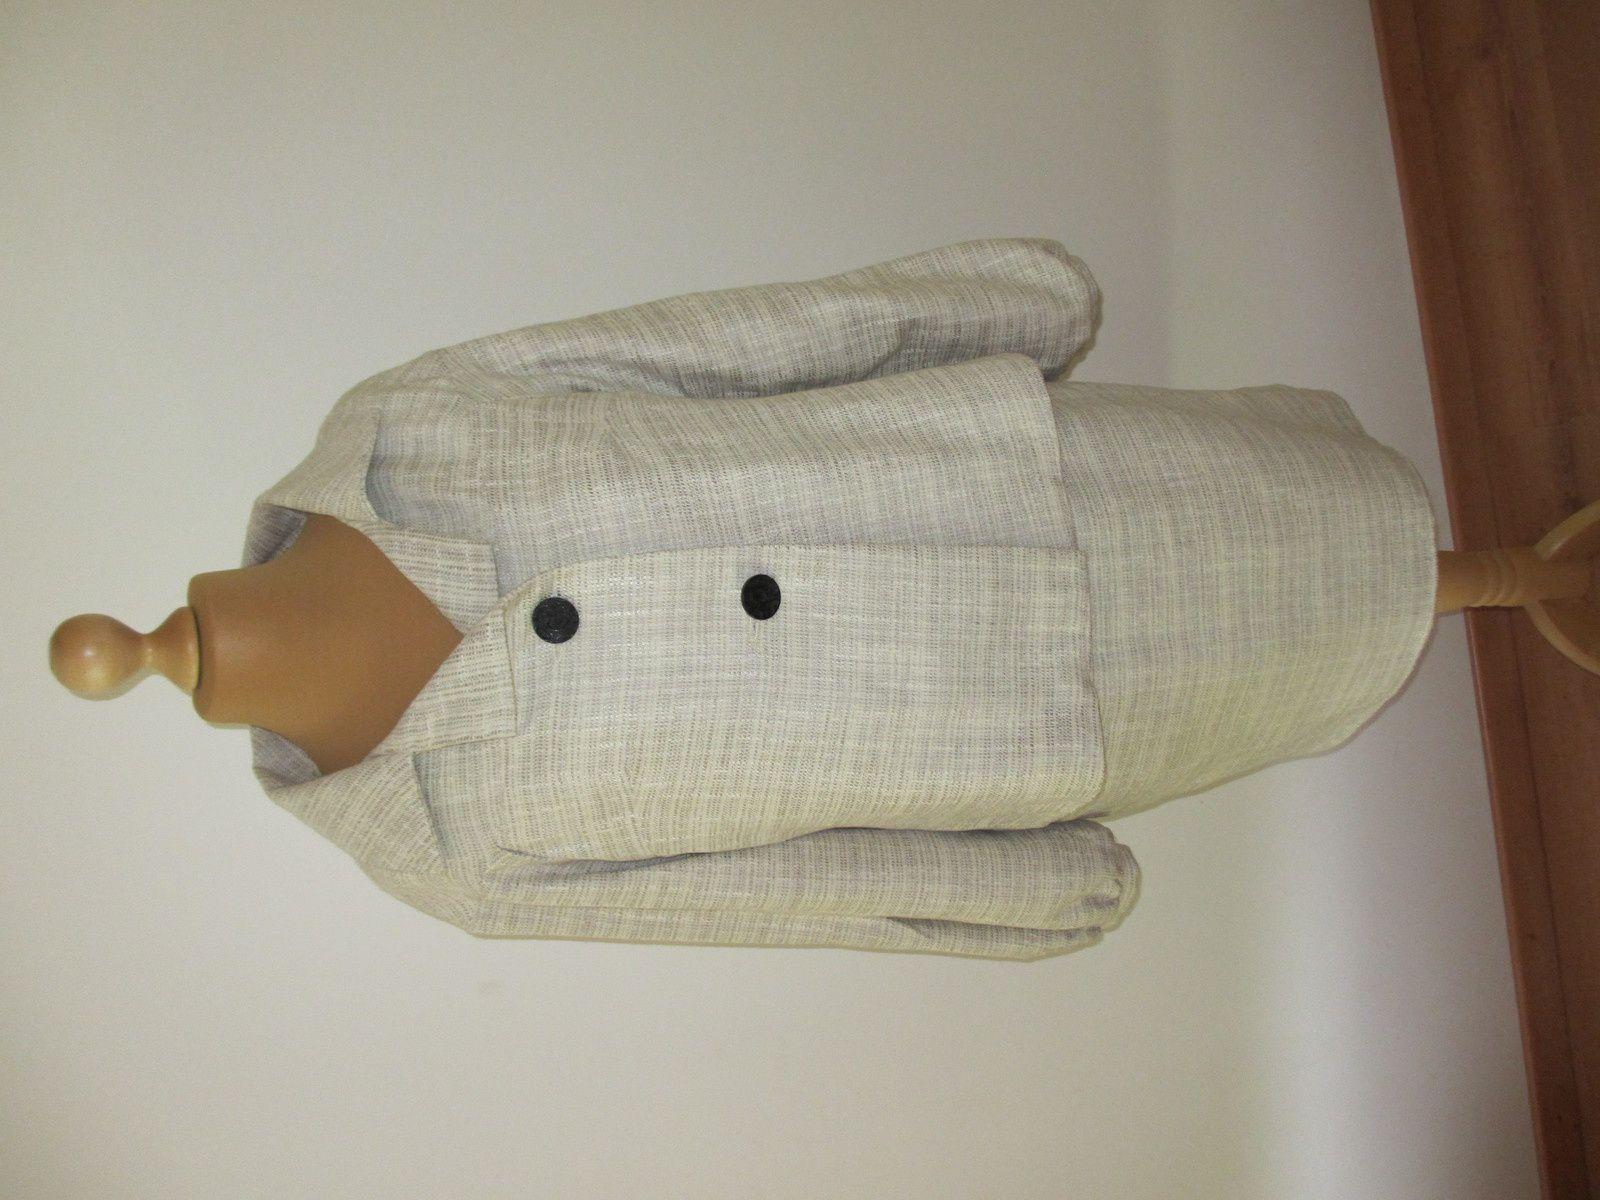 Tailleur  veste et sa jupe de couleur : vert amande, en polyester, laine et autres fibres.  C'est un tissu assez lourd et qui a une bonne tenue.      Composition : polyester, laine et autres fibres  Entretien : Lavage à la machine à 30°C. Éviter le séchage à la machine. Le repassage peut être fait à basse température